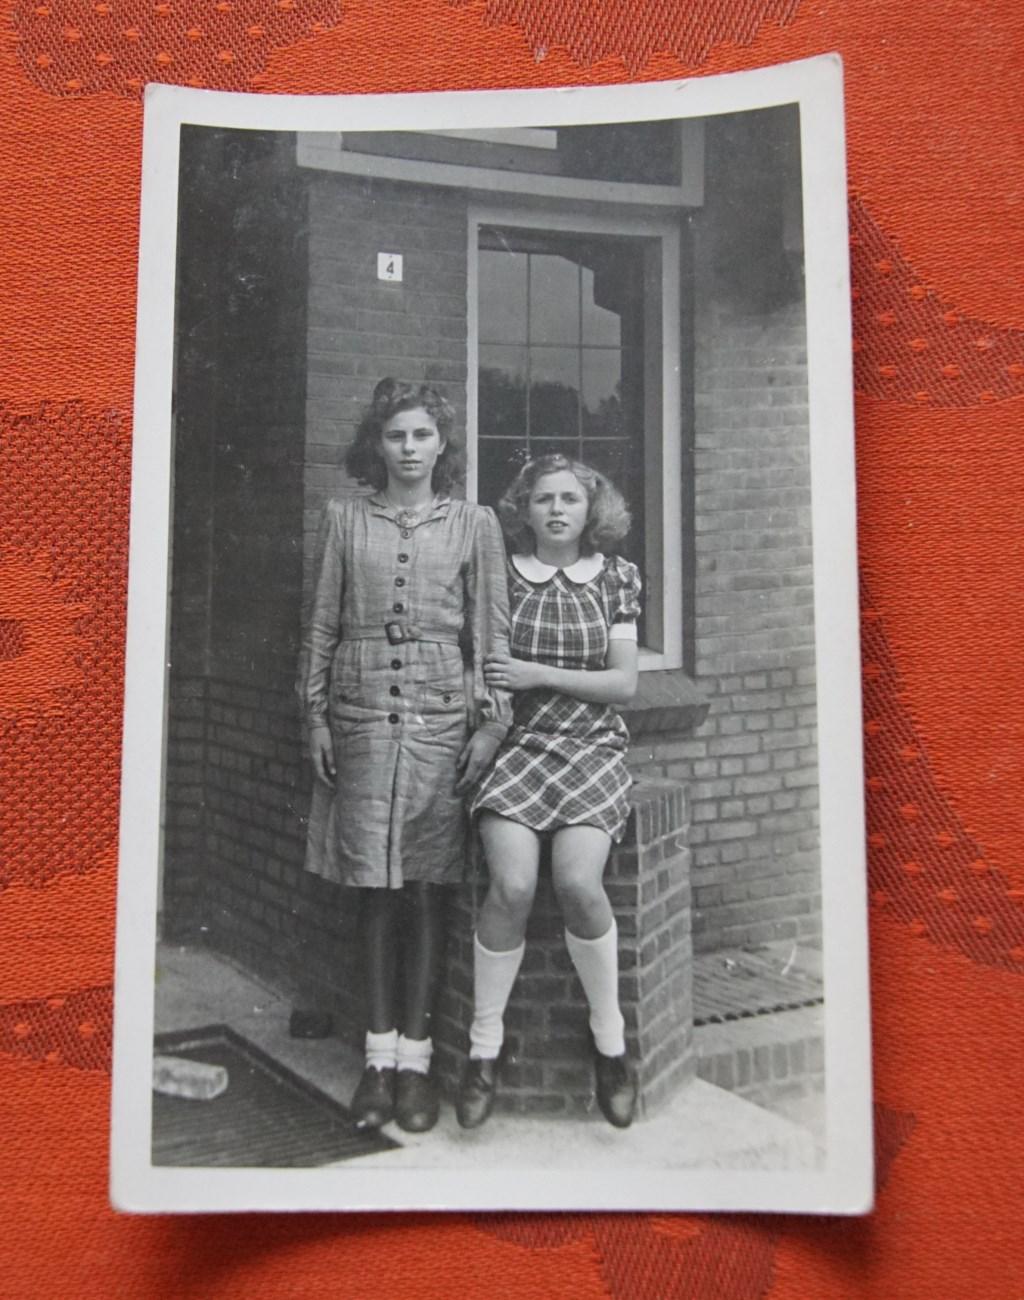 De twee vriendinnen Joke (links) en Lien op een foto waarvan het jaartal niet precies bekend. De foto is in elk geval uit de tijd van de Tweede Wereldoorlog. Foto van een foto: Frank Vinkenvleugel  © Achterhoek Nieuws b.v.